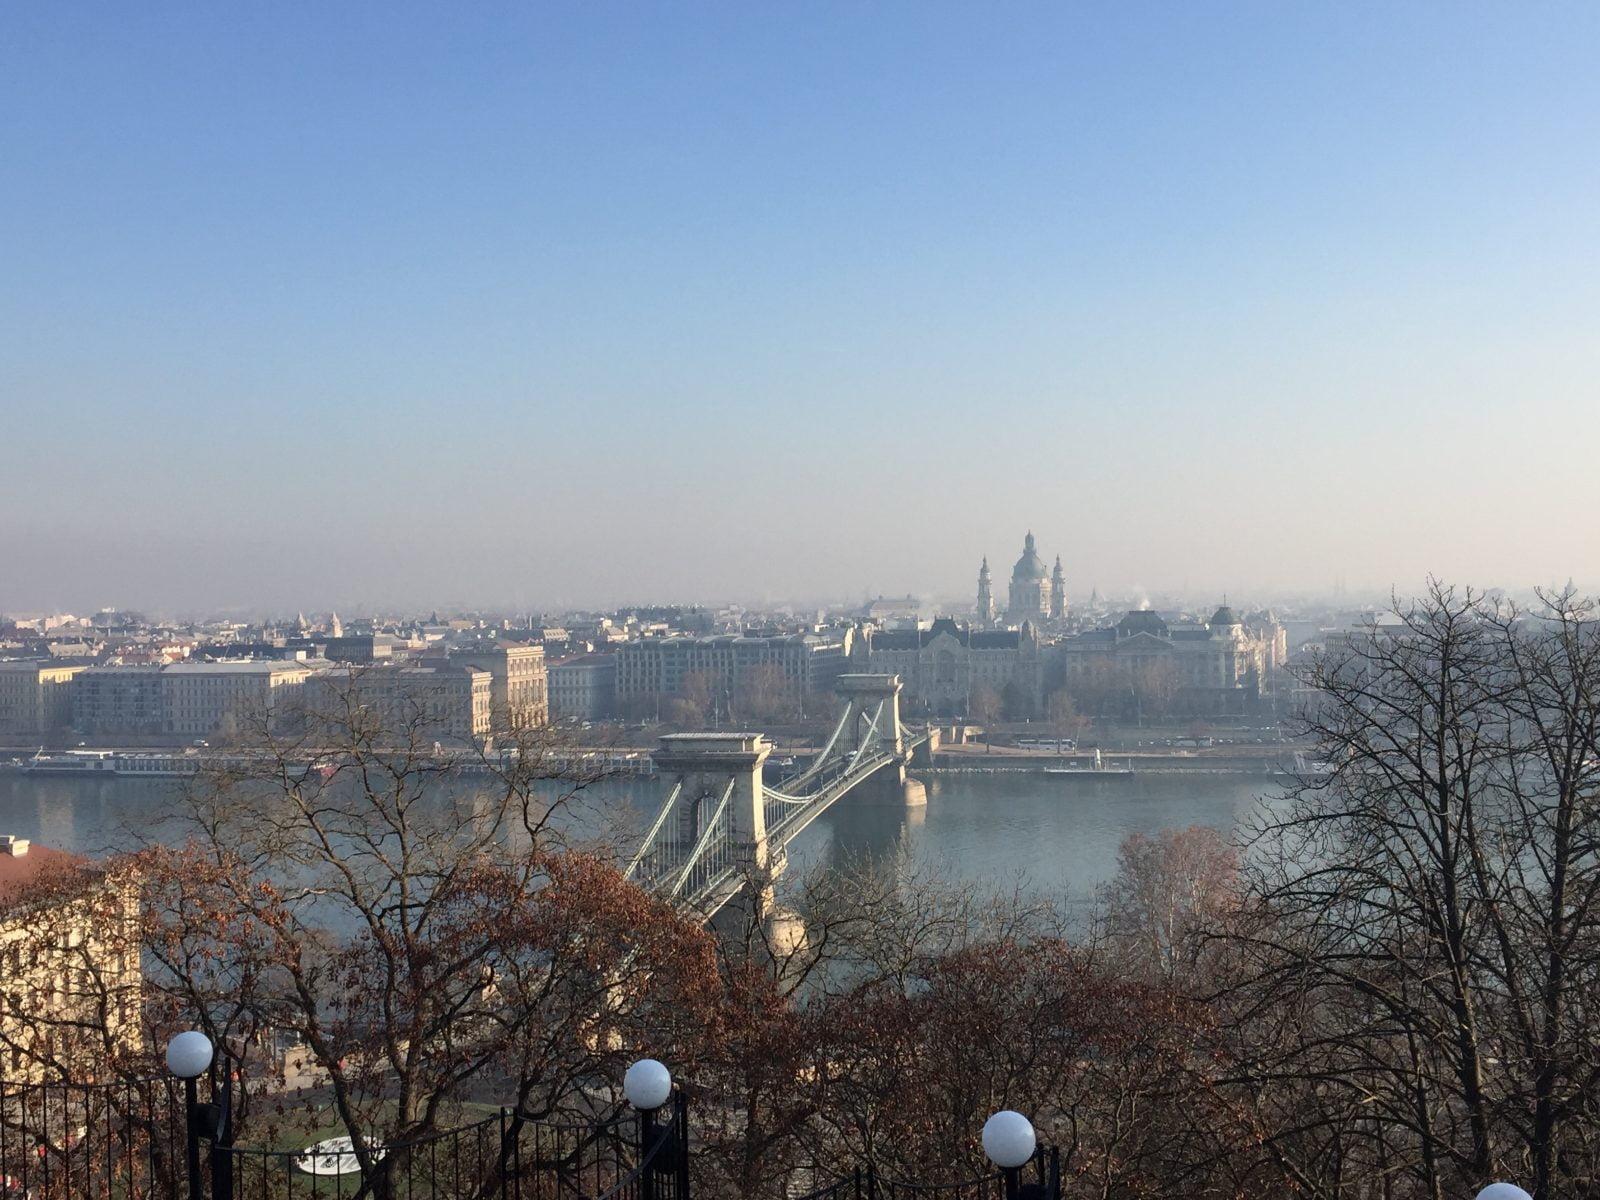 Yerlisi Anlatıyor: Budapeşte Hakkında İlginç Bilgiler